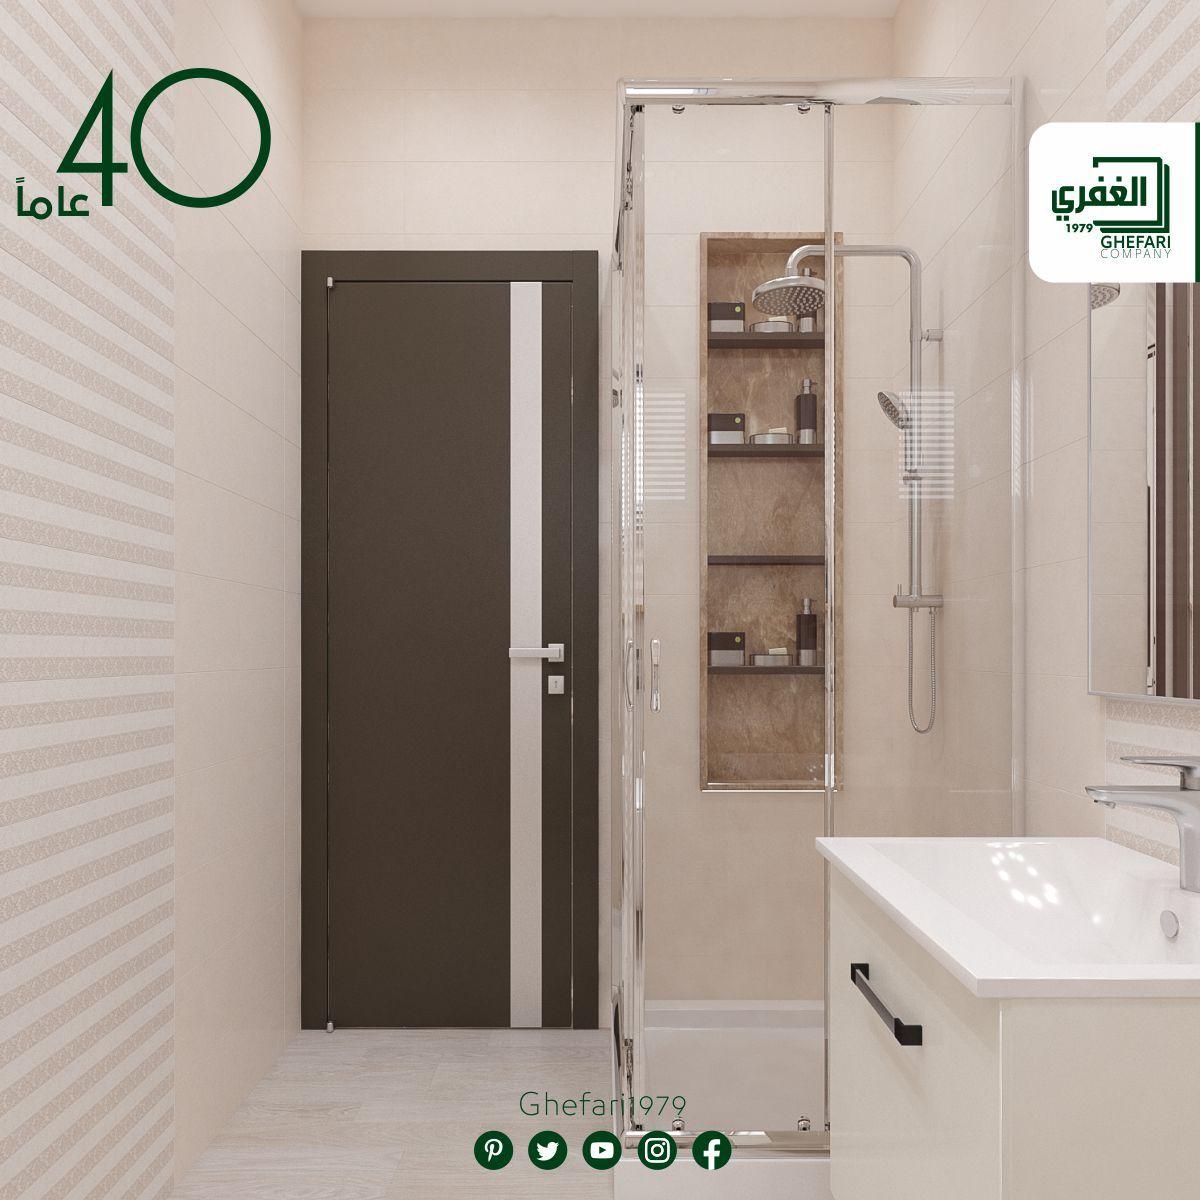 كراميكا حوائط حمامات مطبخ اسباني الصنع مقاس 20x60 للمزيد زورونا على موقع الشركة Www Ghefari Com الر Bathroom Medicine Cabinet Medicine Cabinet Bathroom